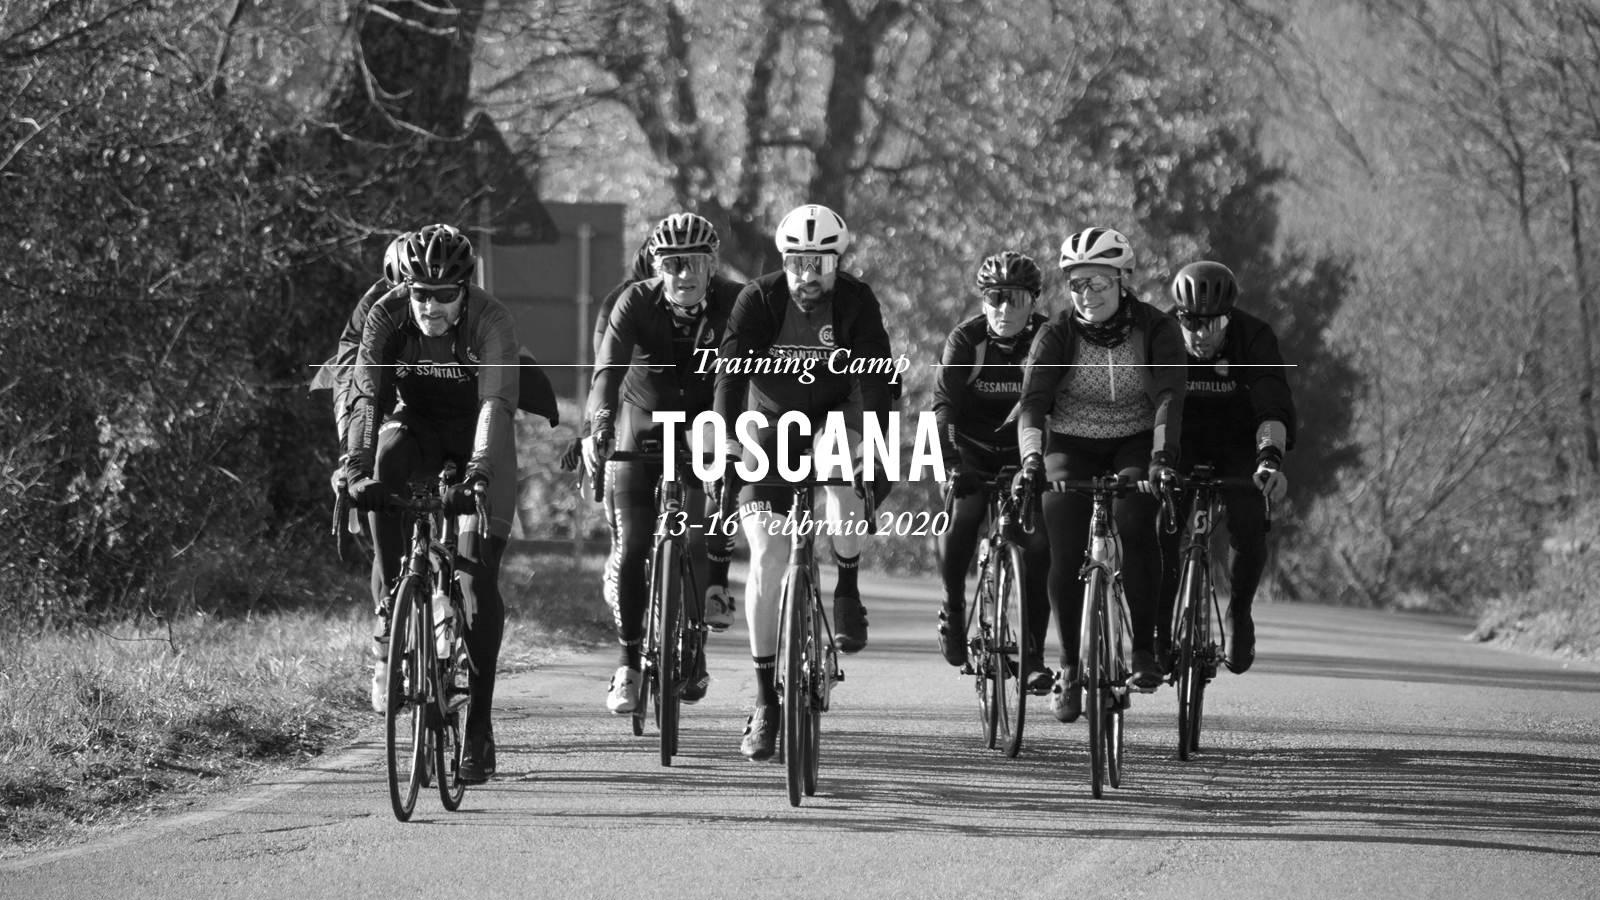 TOSCANA TRAINING CAMP dal 13 al 16 Febbraio 2020